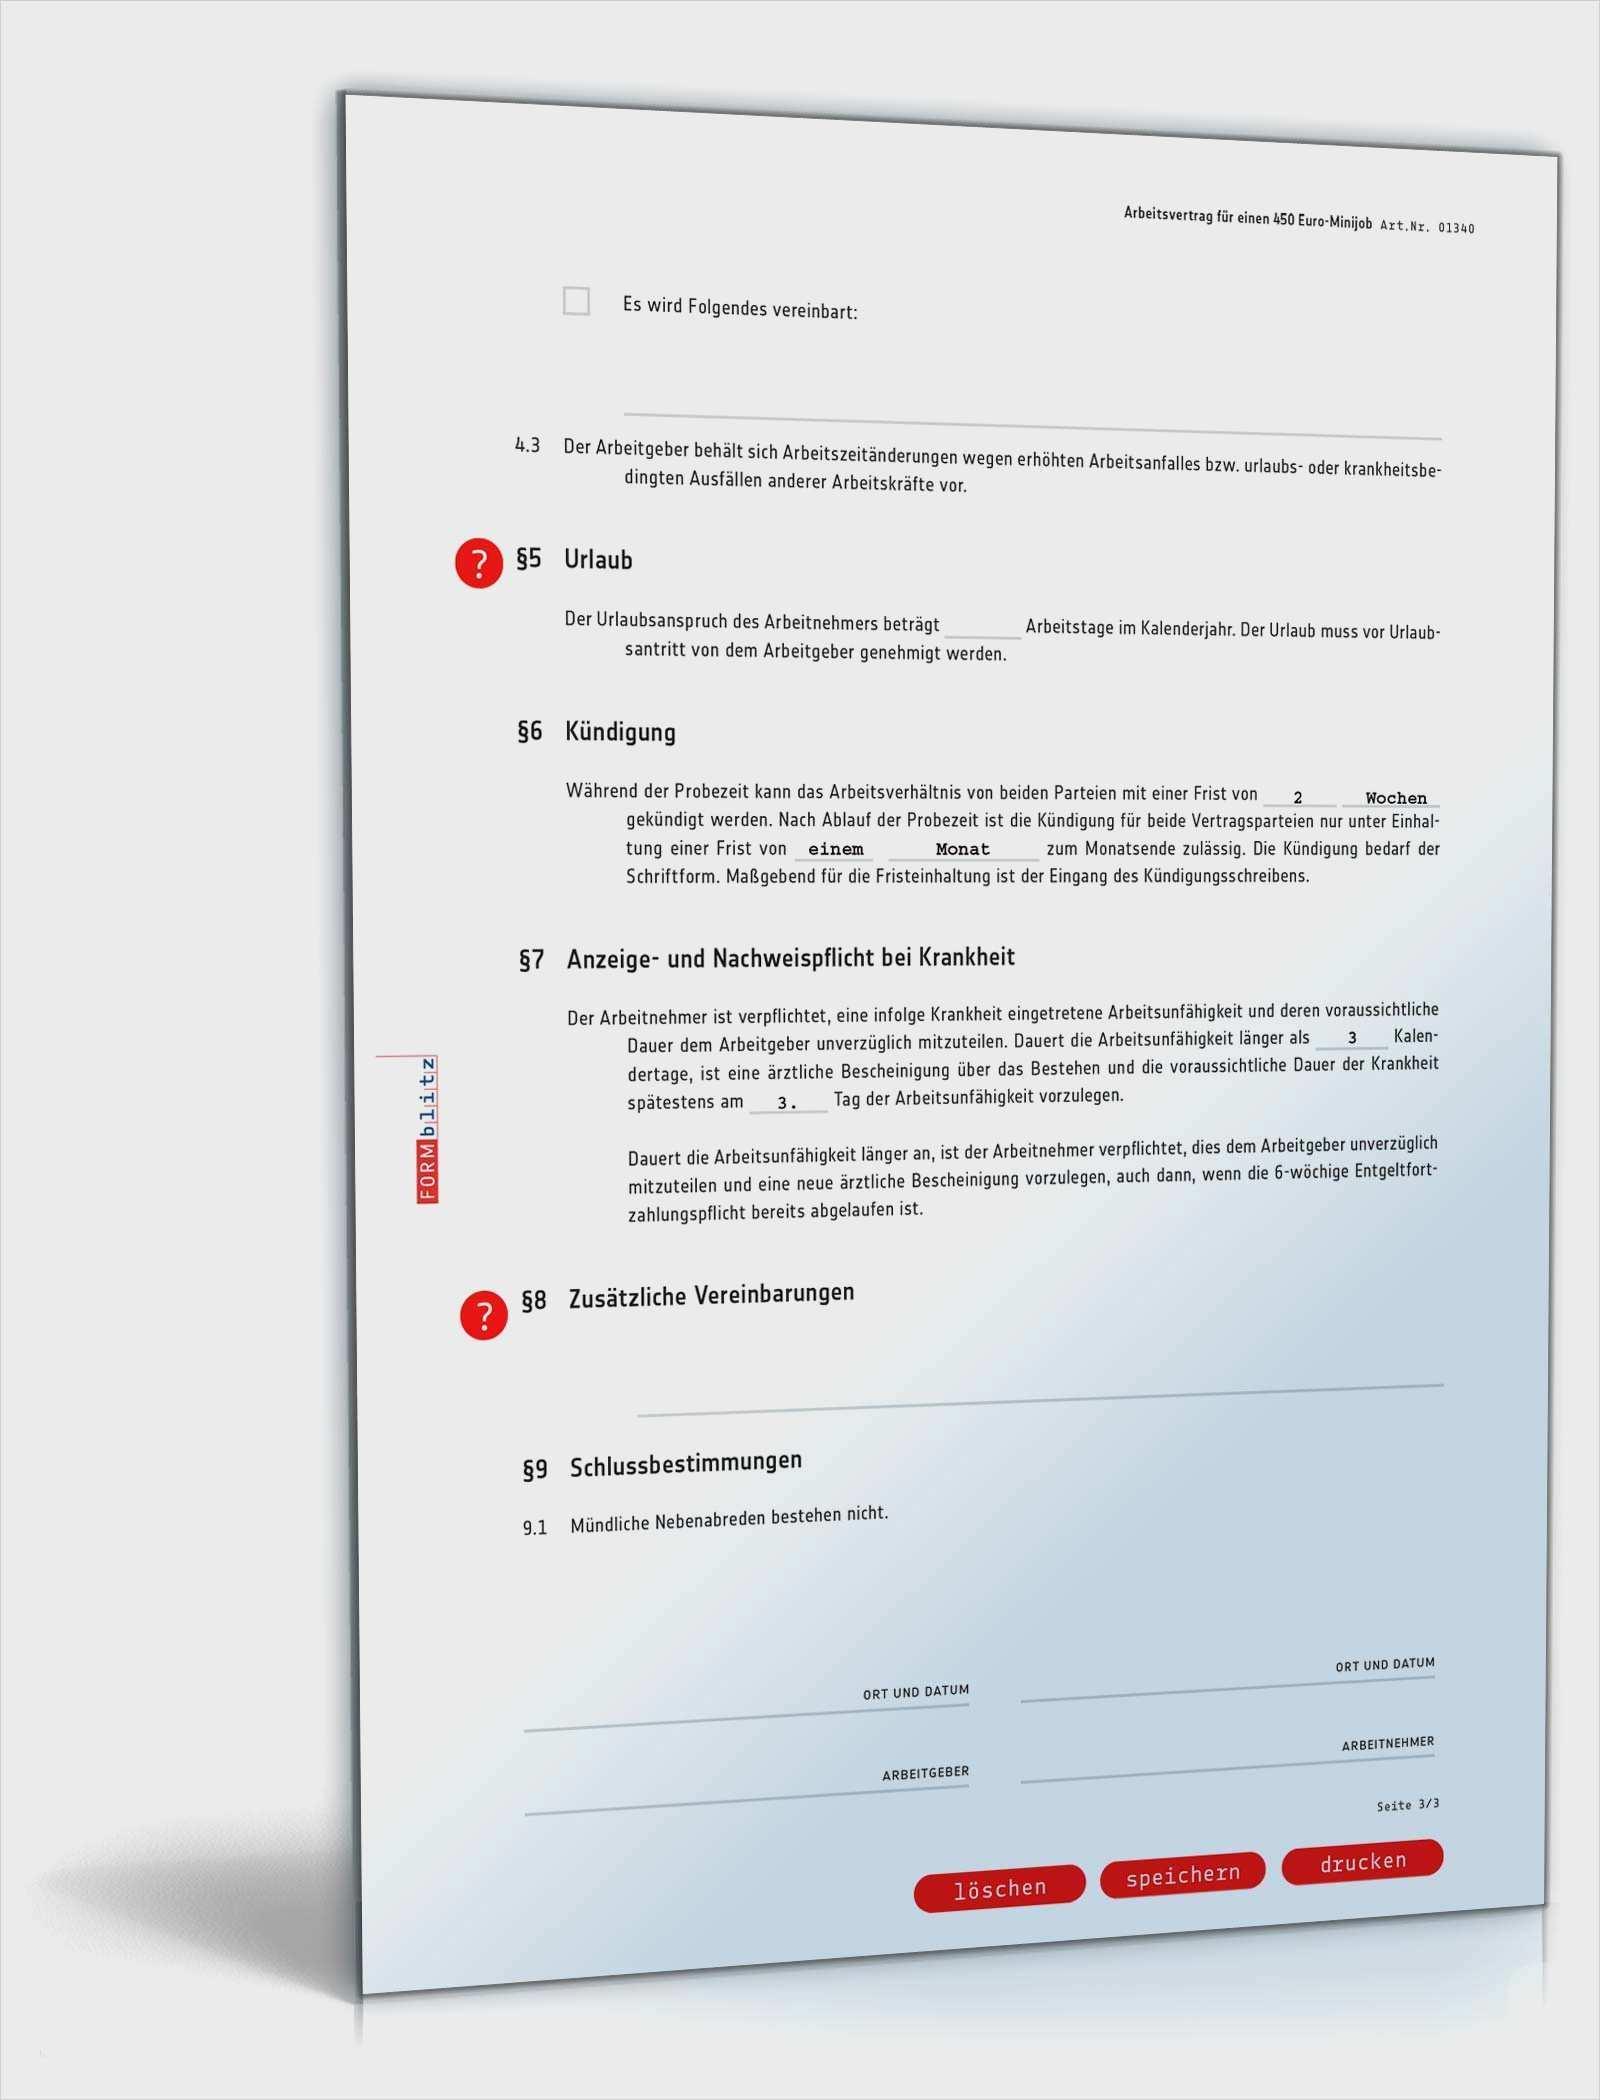 Vorlage Vertrag Minijob 35 Wunderbar Jene Konnen Einstellen In Microsoft Word In 2020 Vorlagen Lebenslauf Lebenslauf Briefkopf Vorlage